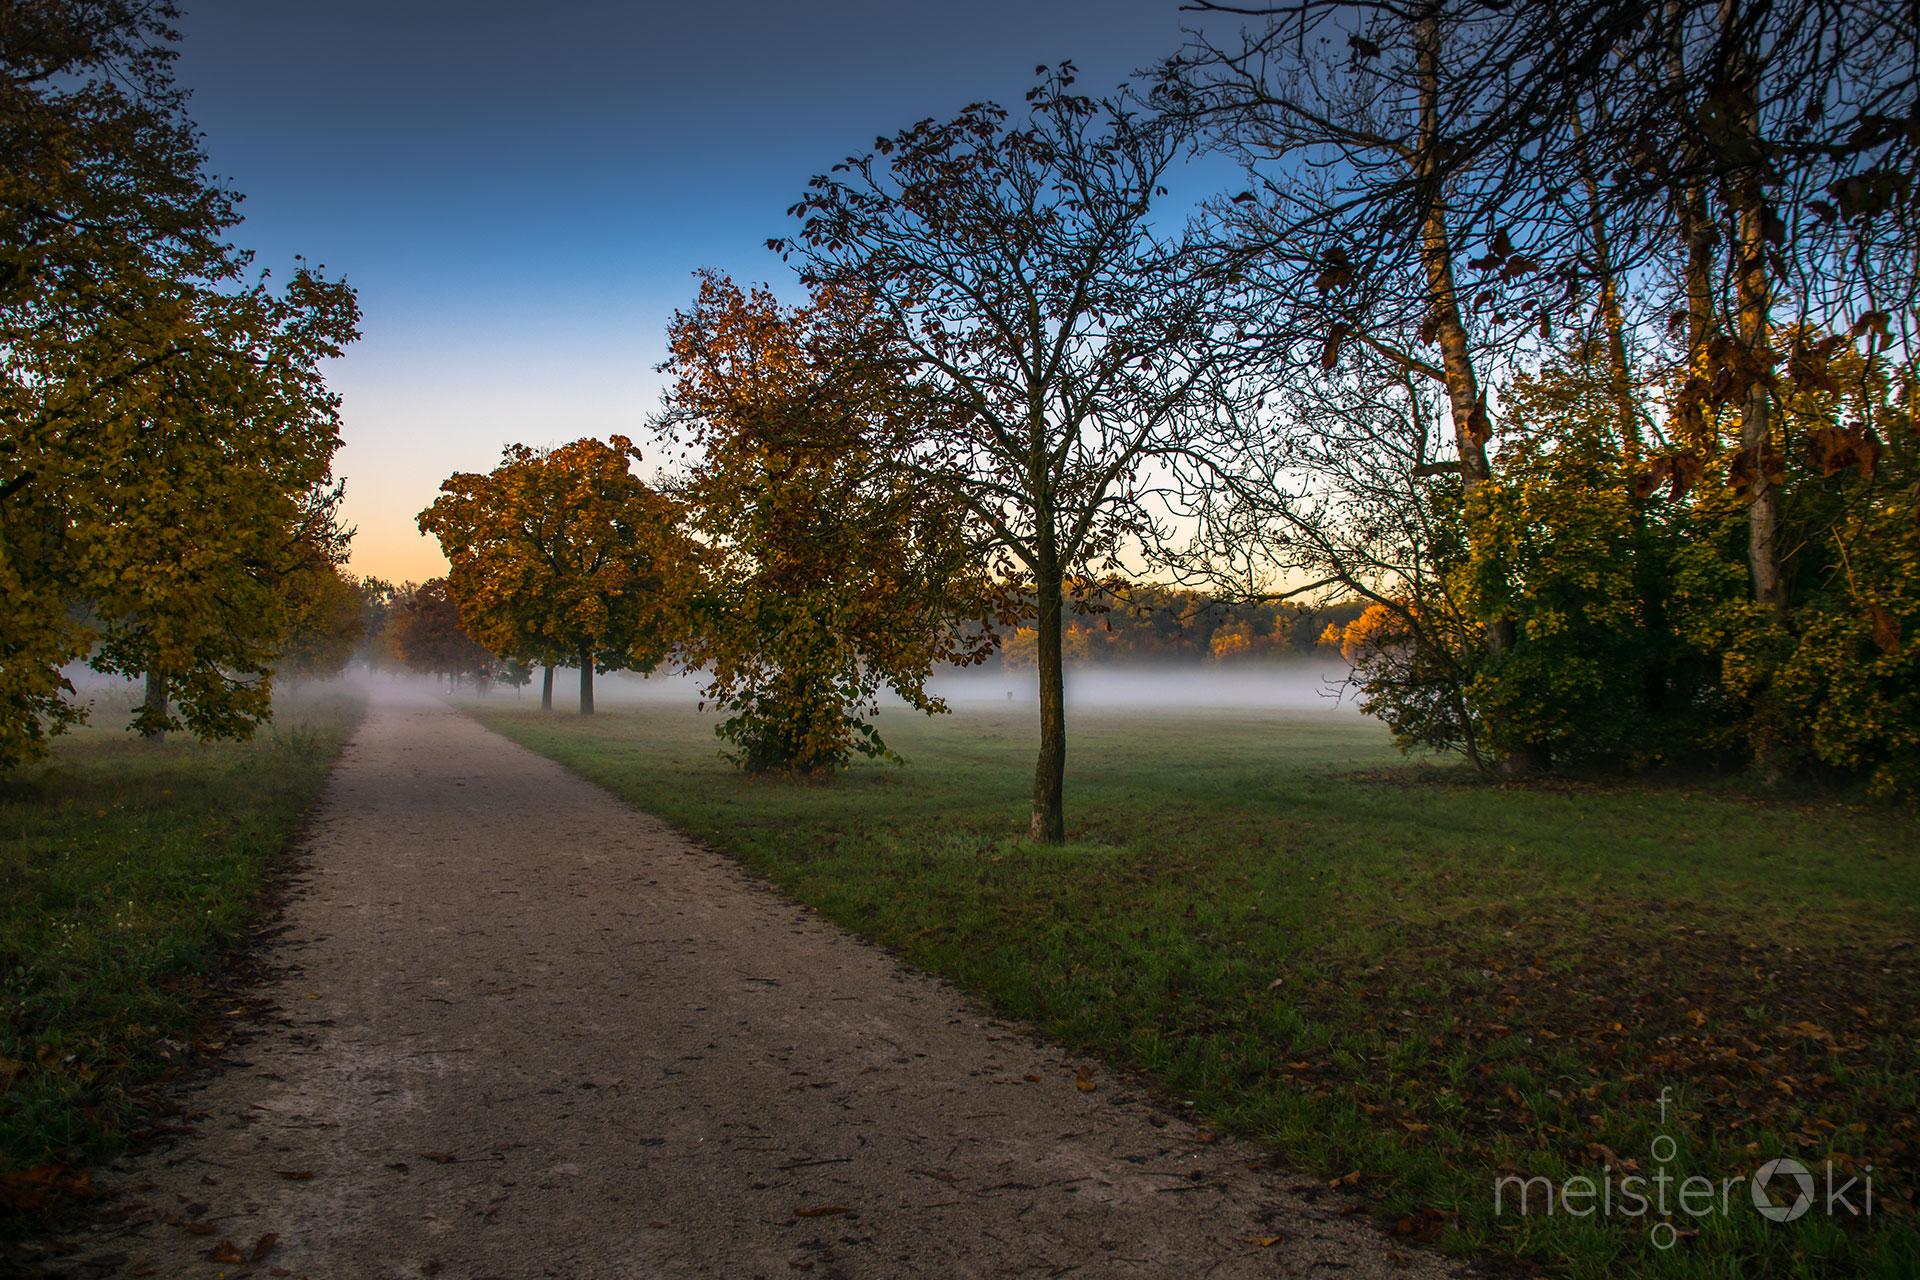 Morgen_im_Park_3